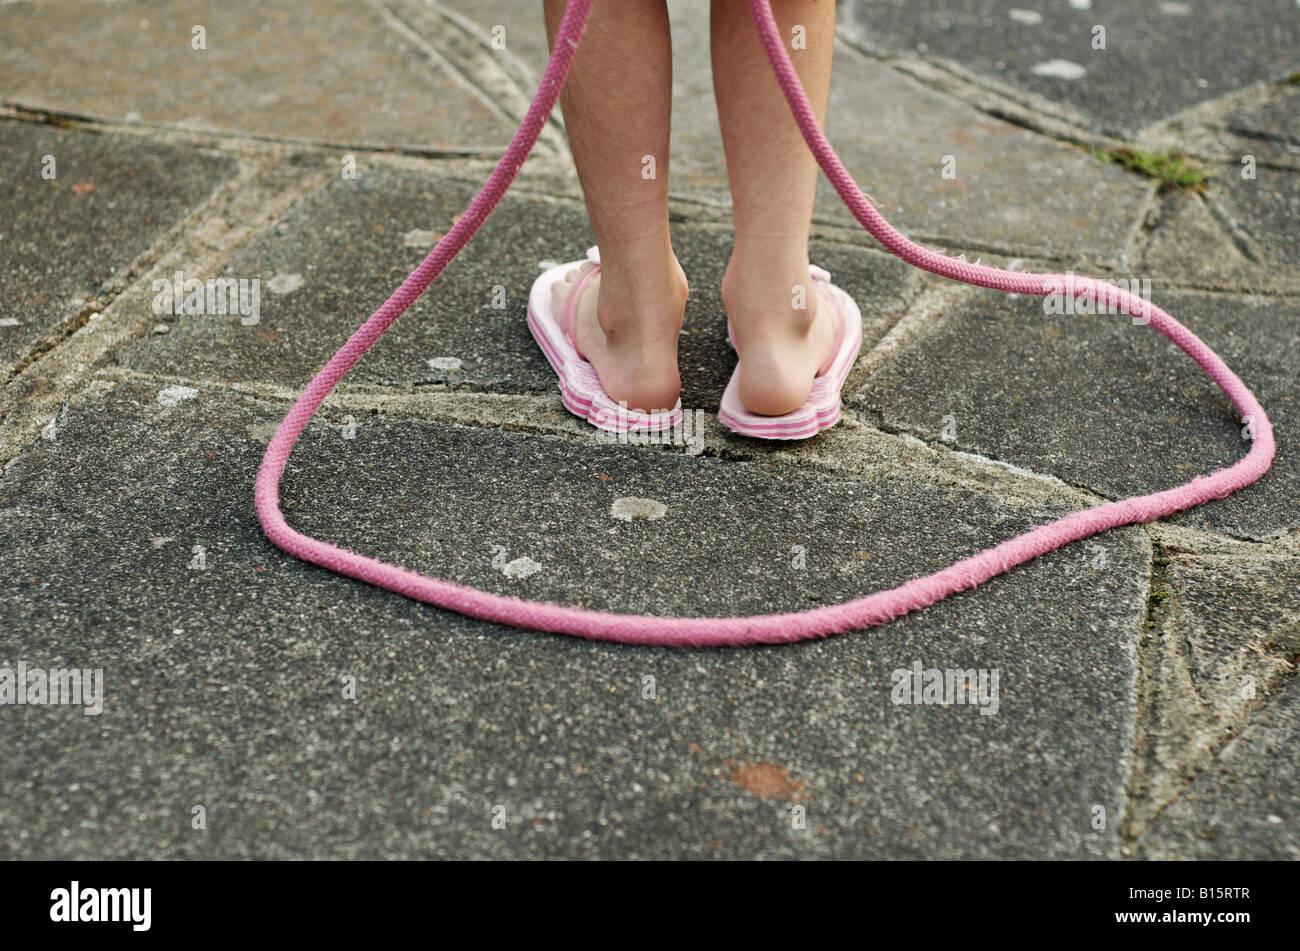 Criança com rosa pulando corda Imagens de Stock